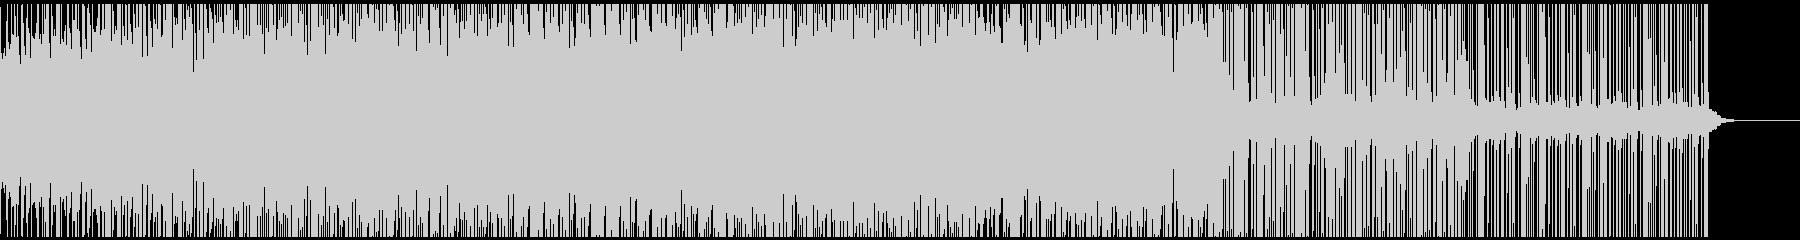 独特なグルーブ感が特徴的なインストの未再生の波形